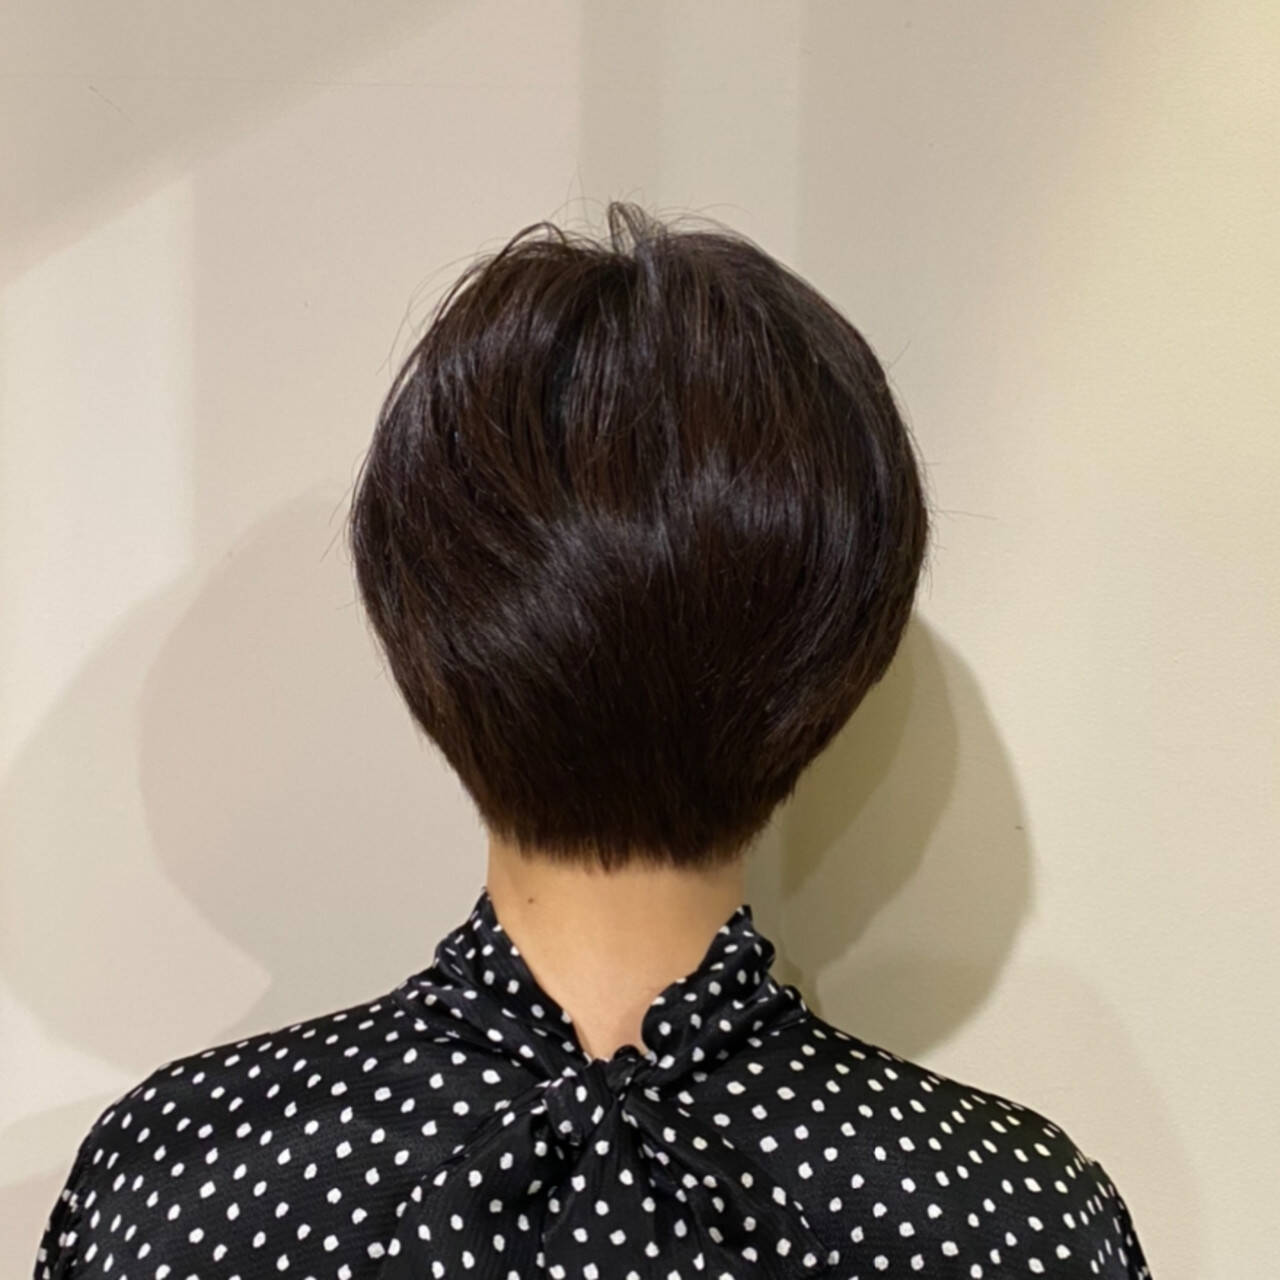 ハンサムショート 抜け感 アンニュイほつれヘア ノースタイリングヘアスタイルや髪型の写真・画像